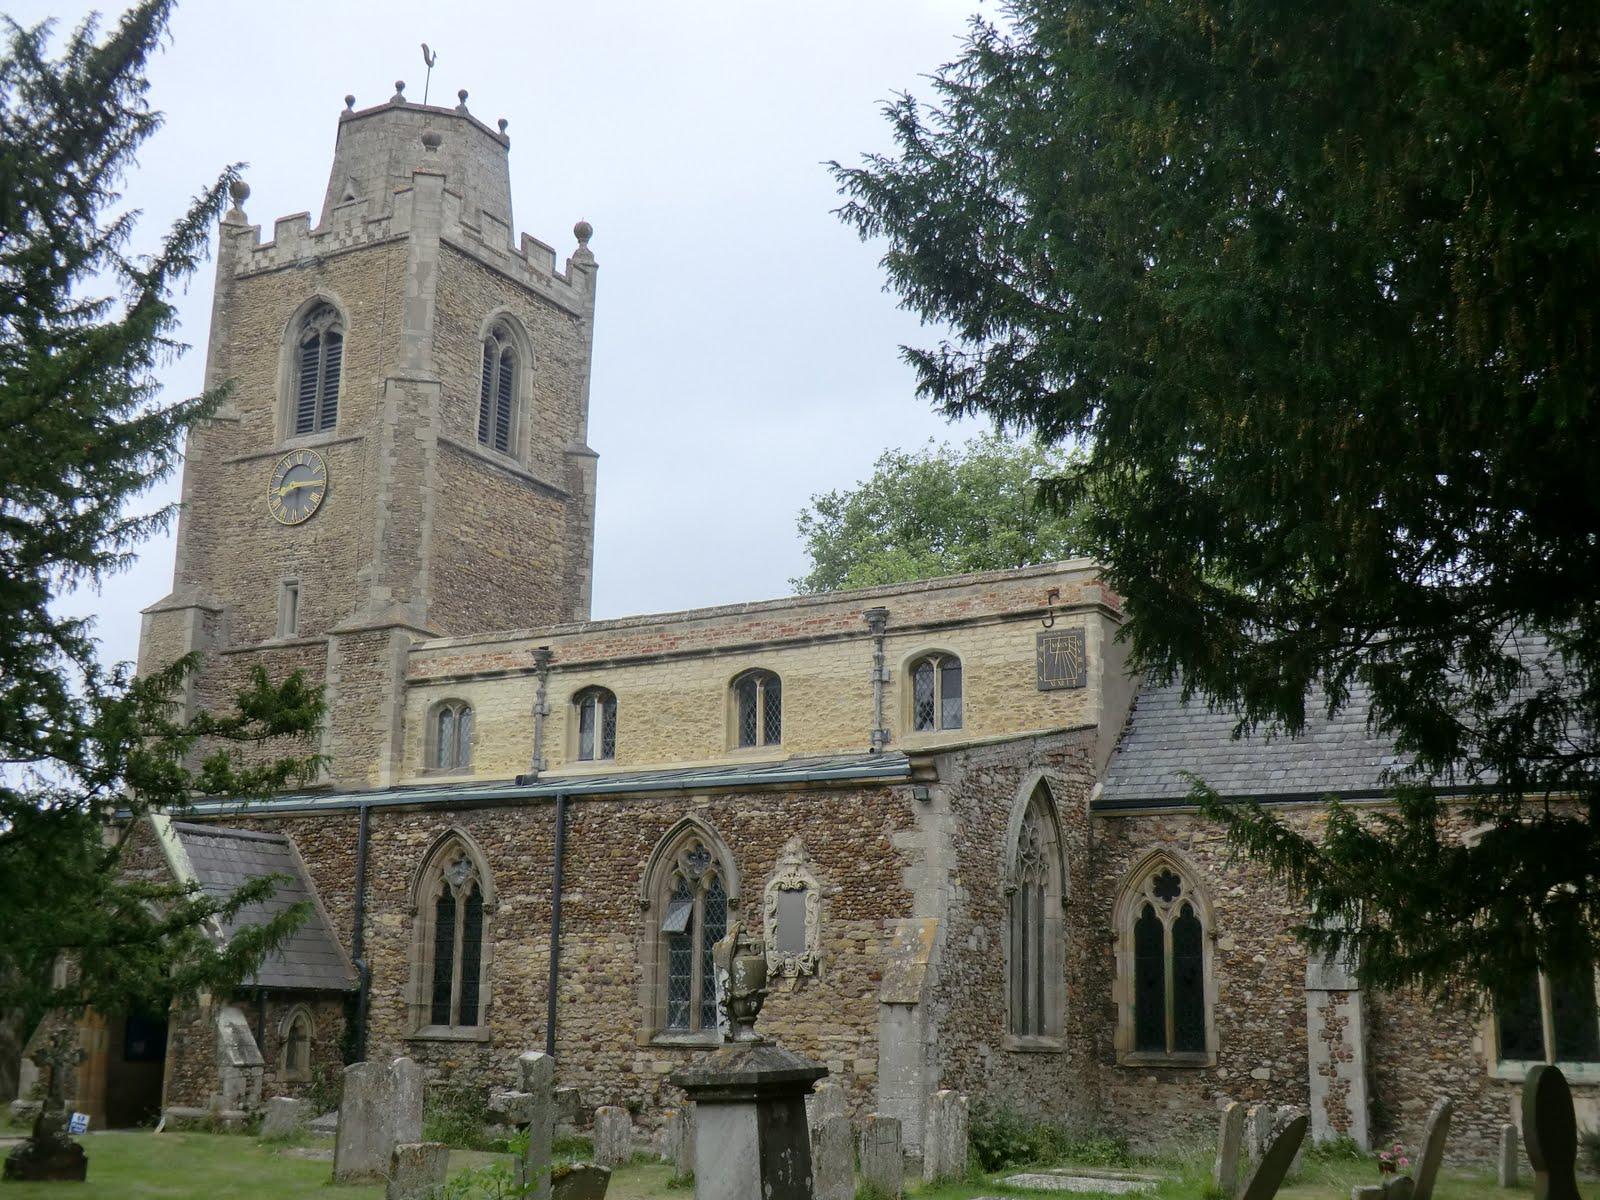 CIMG7807 St James's church, Hemingford Grey